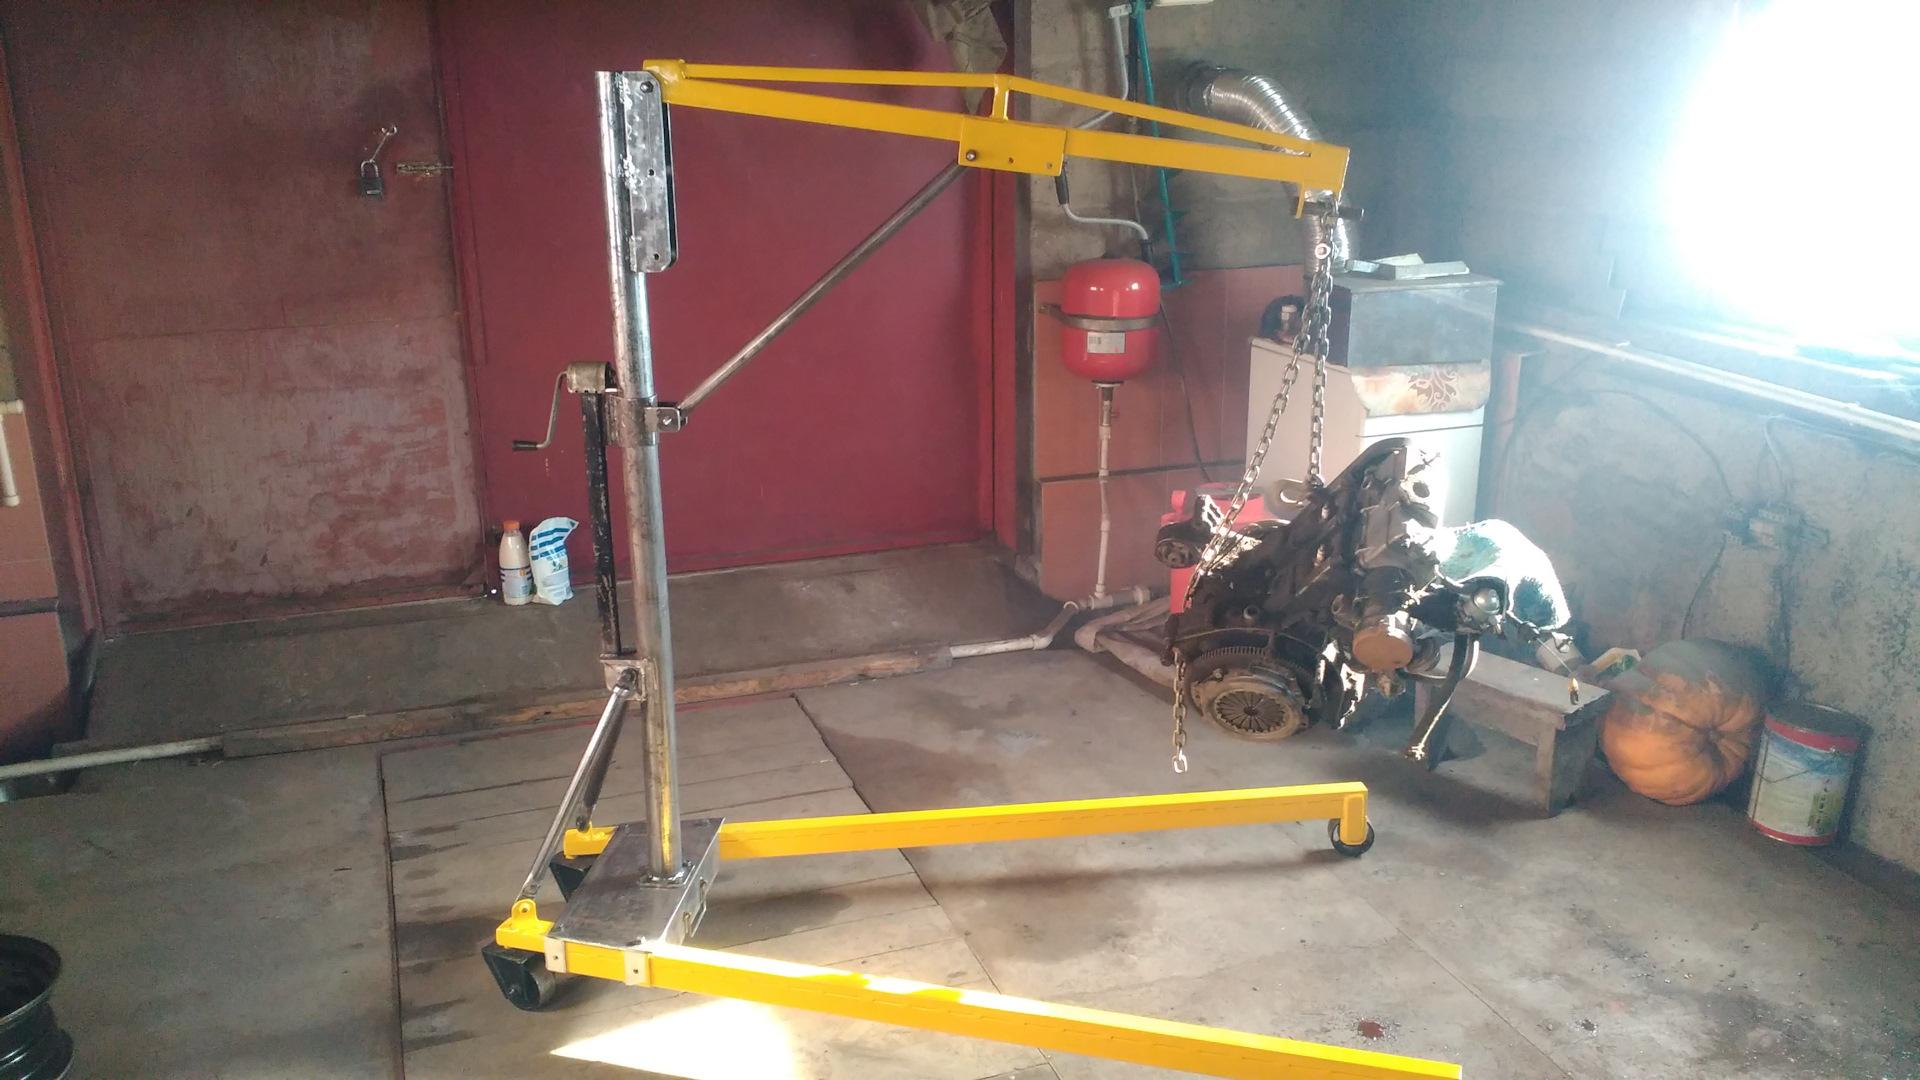 Как сделать самодельный подъемник для личного гаража? конструкции, инструкции по изготовлению своими руками